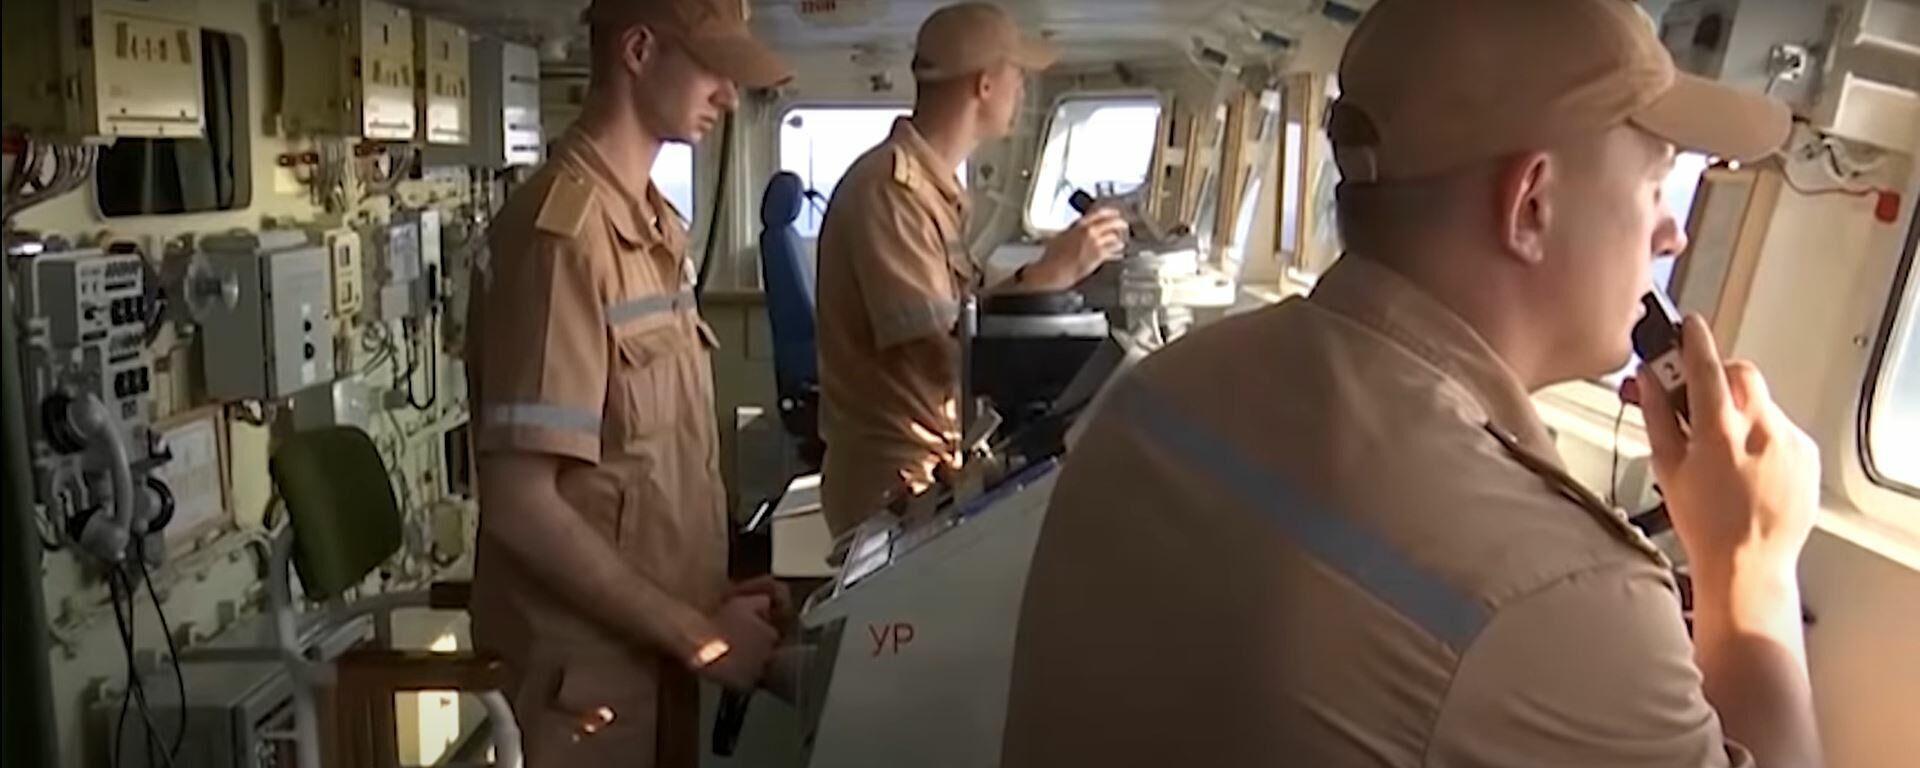 Корабли ВМФ России отбили воздушную атаку на учениях в Средиземном море - британцы бдят - Sputnik Латвия, 1920, 28.06.2021